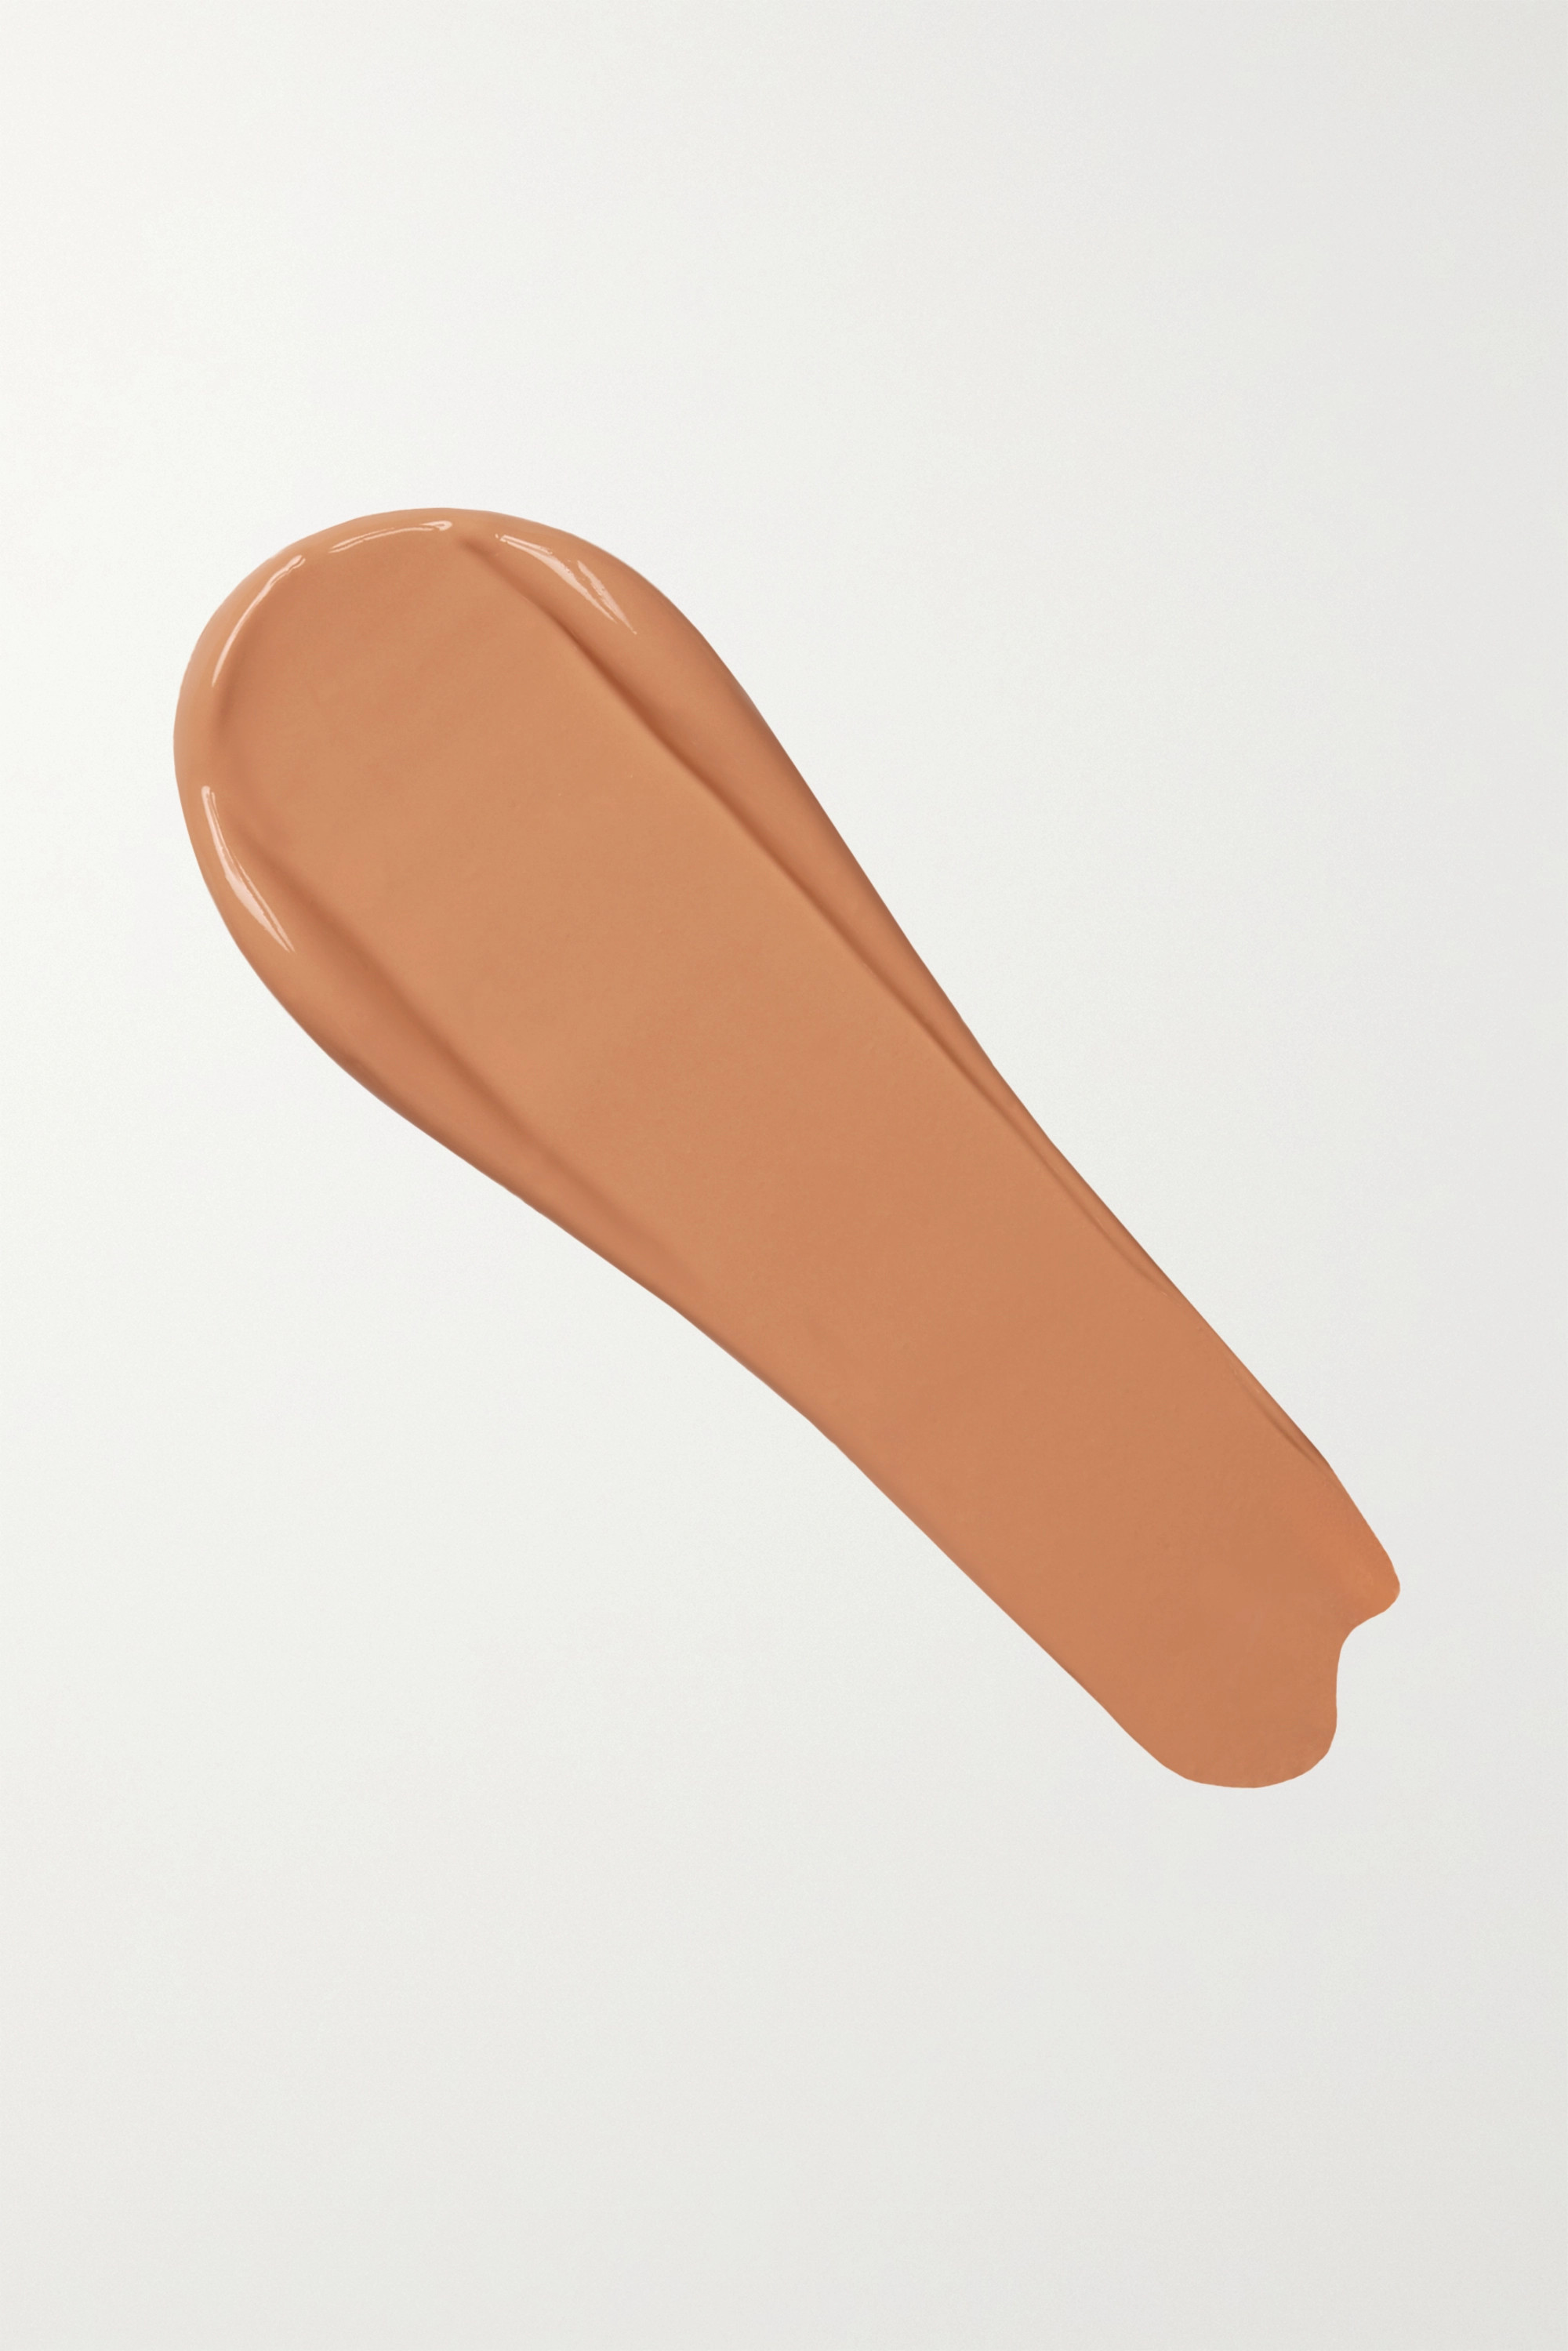 Pat McGrath Labs Correcteur Sublime Perfection Skin Fetish, M18, 5 ml